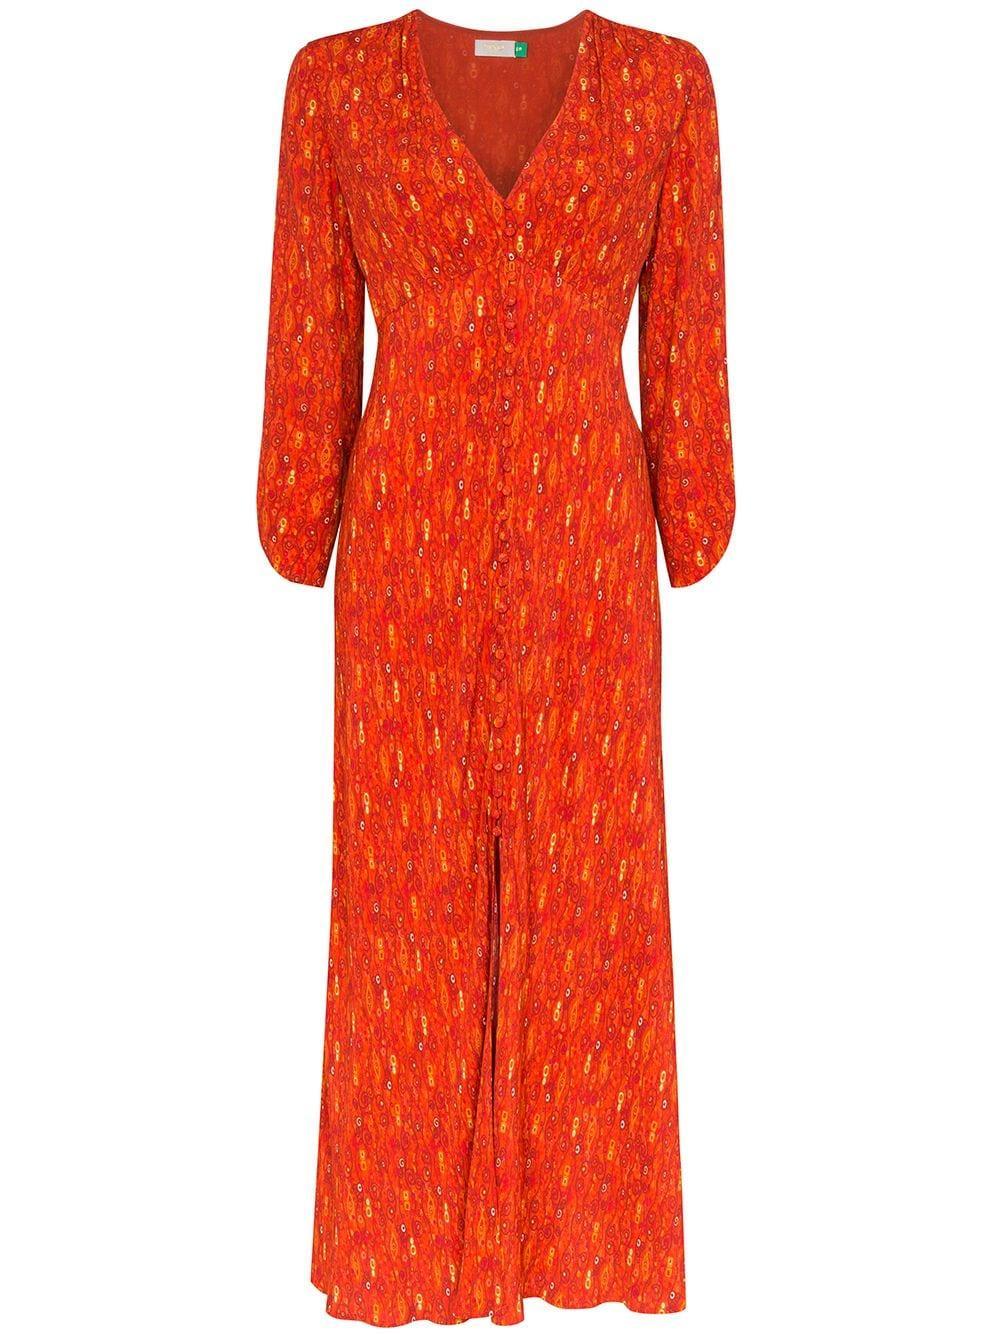 Katie Long Sleeve Midi Dress Item # RIX10-021-120-671